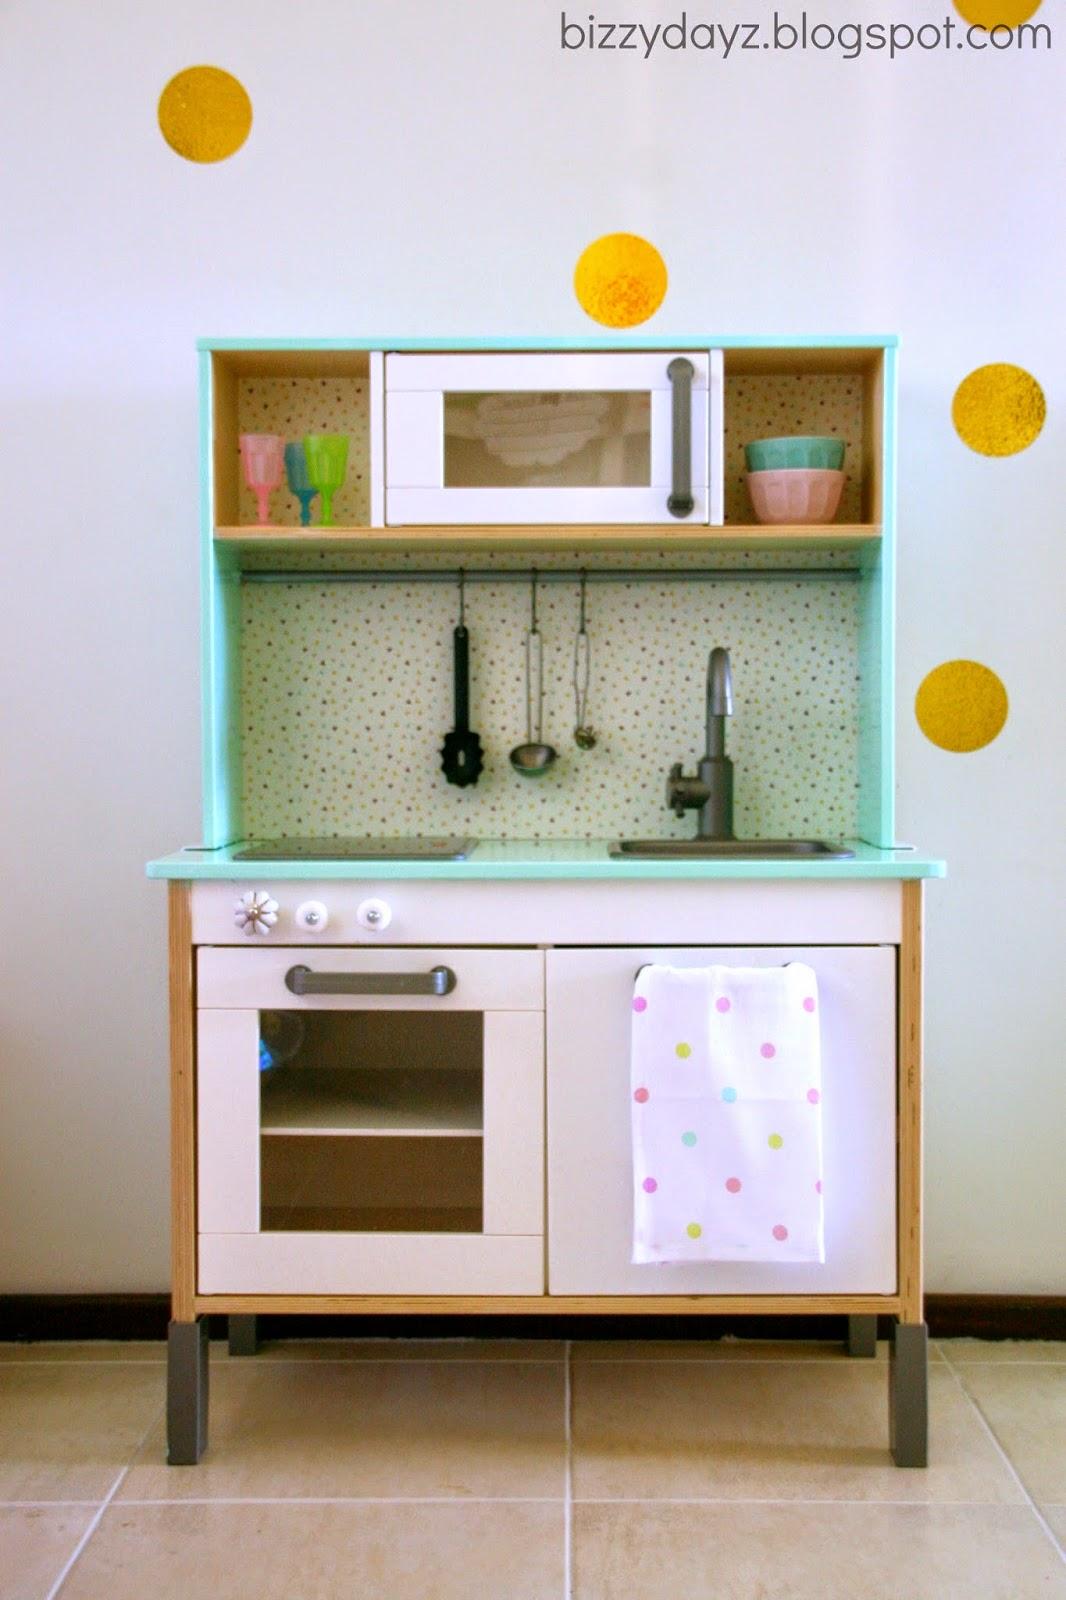 Bizzydayz kids kitchen makeover for Small kids kitchen